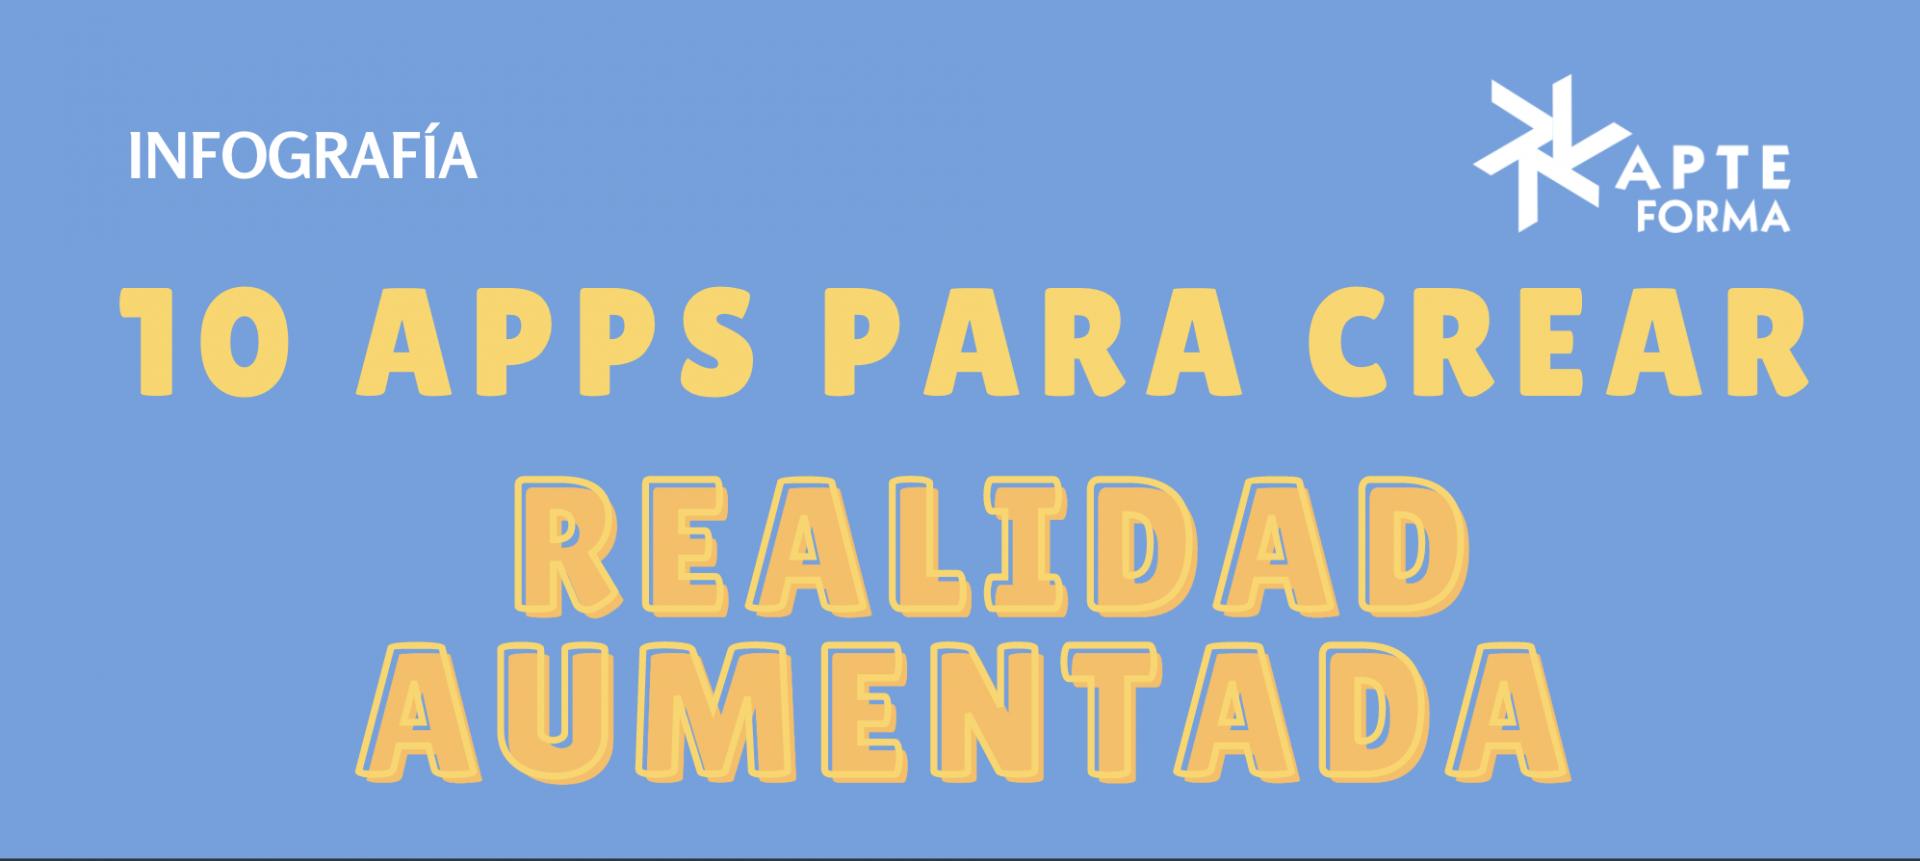 Infografía 10 APPS para crear Realidad Aumentada